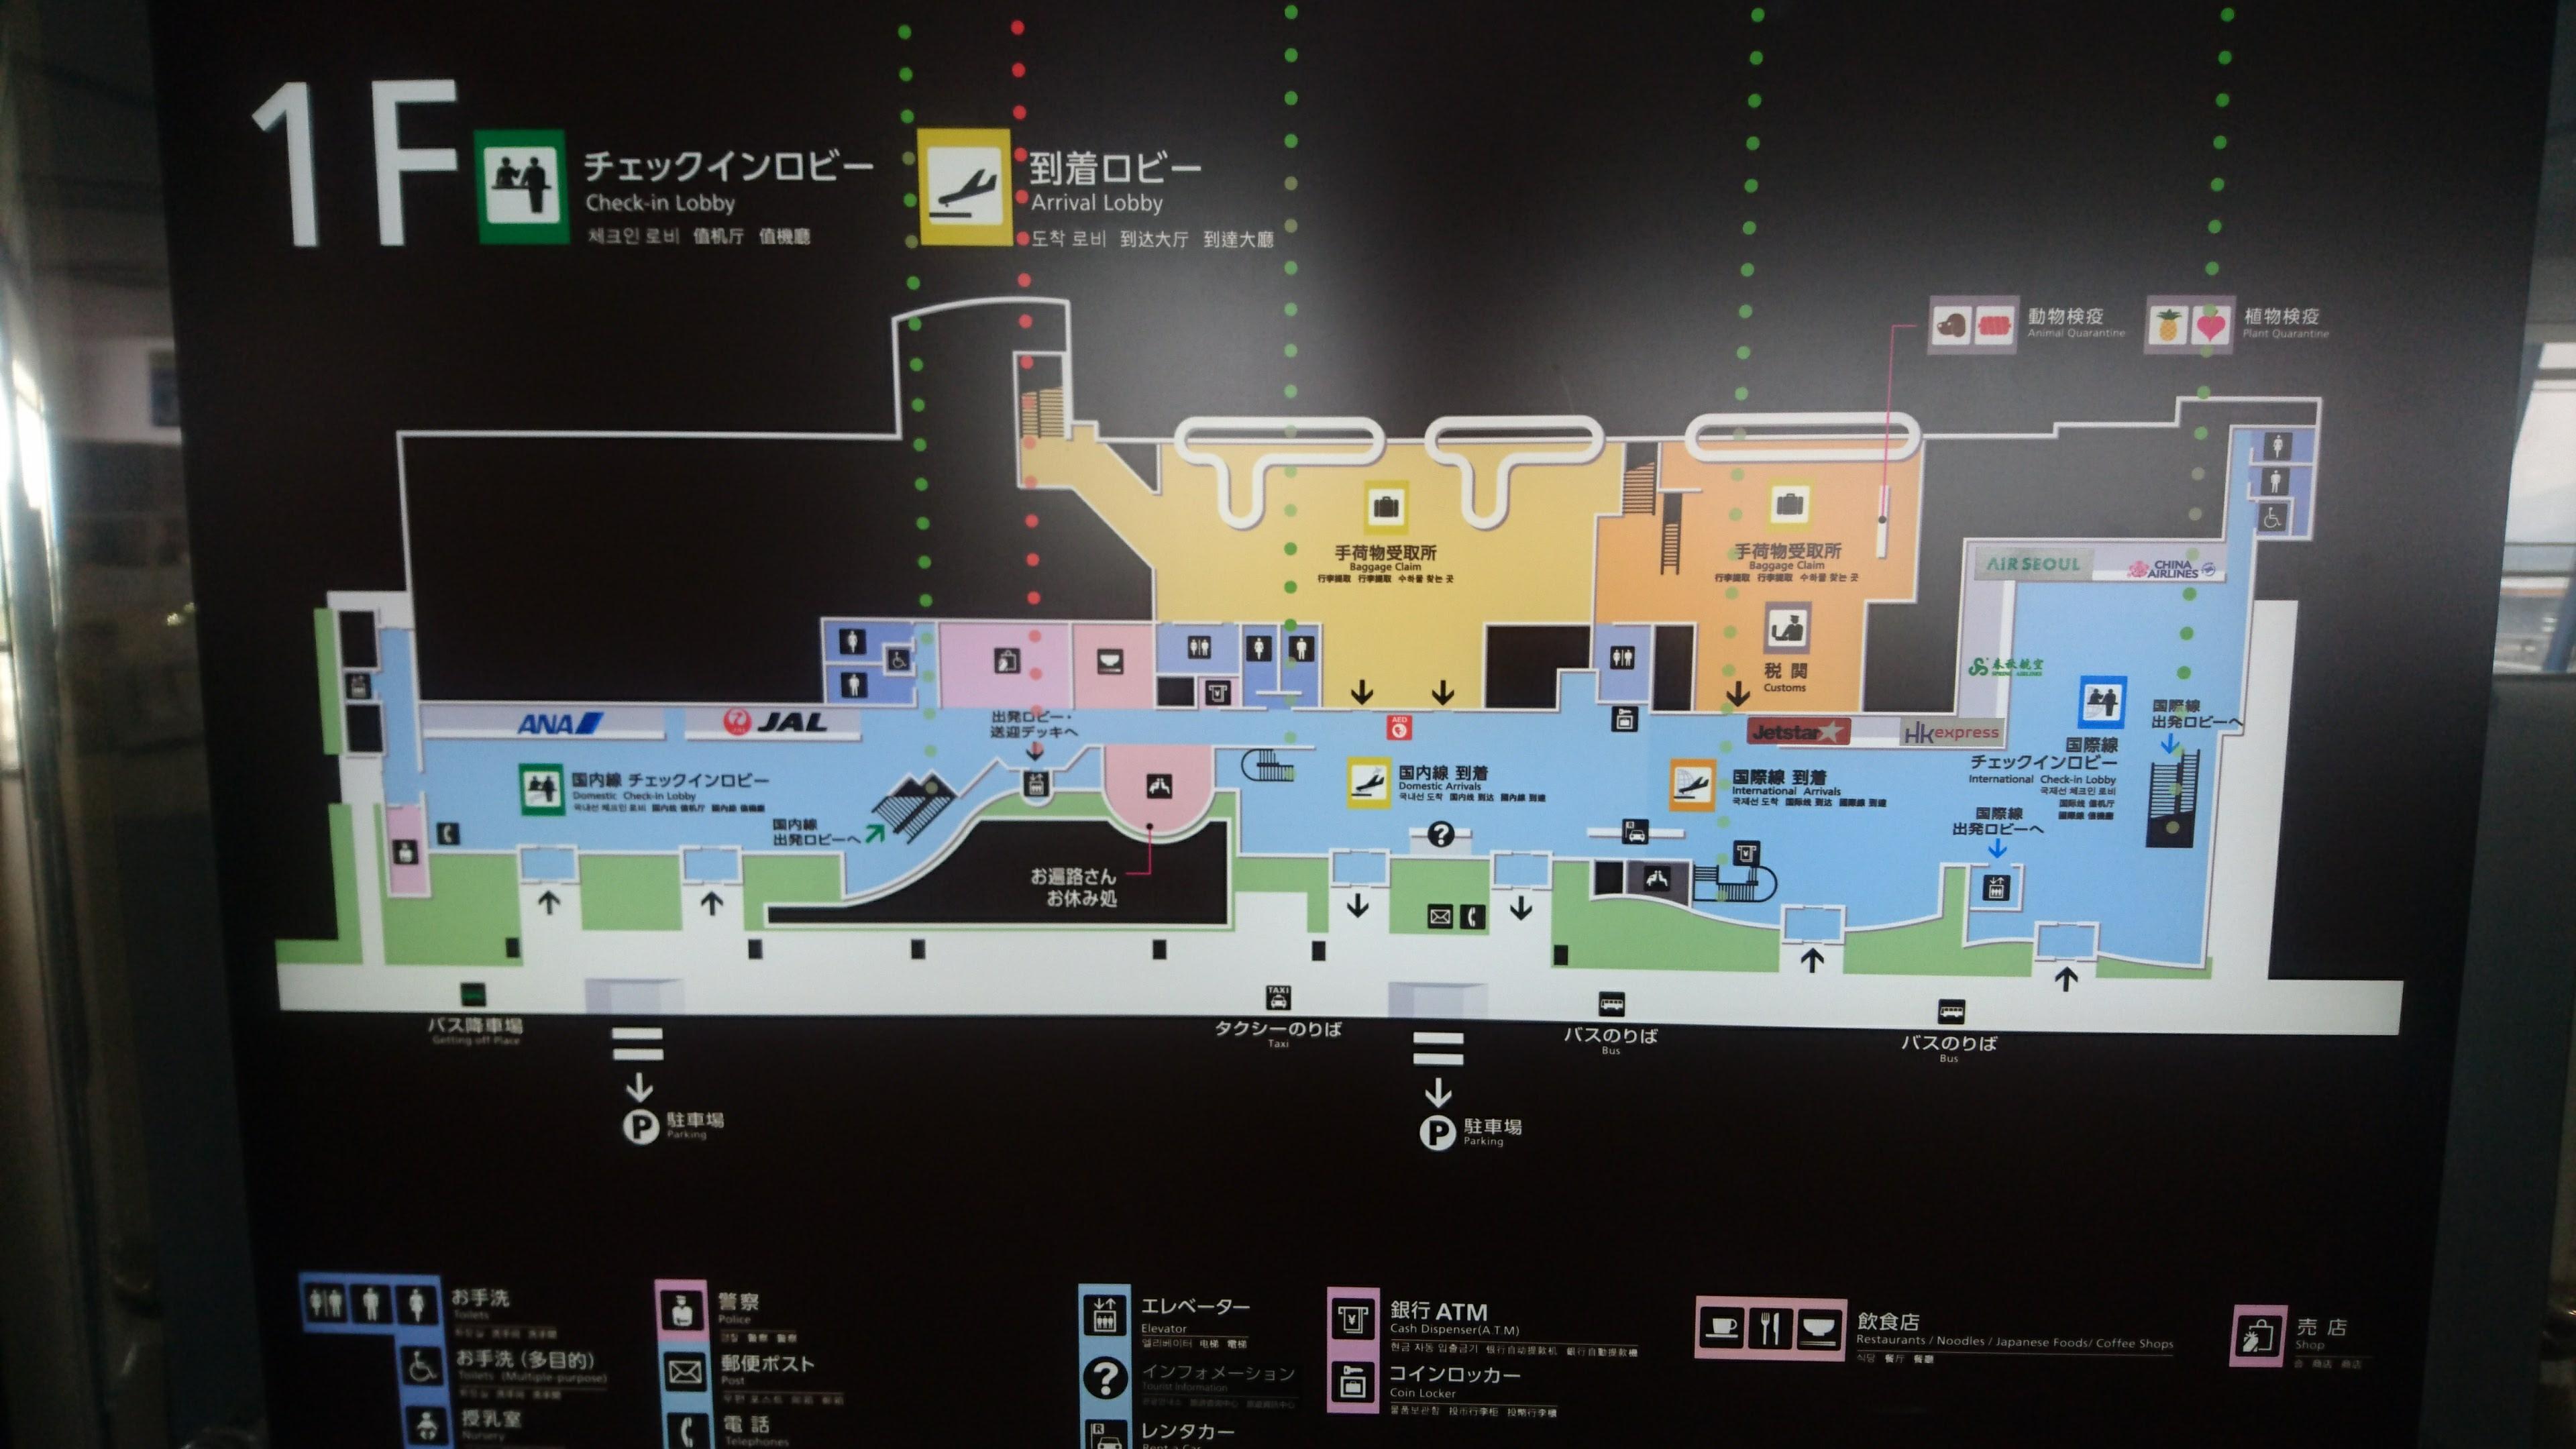 高松空港ターミナルビル1階